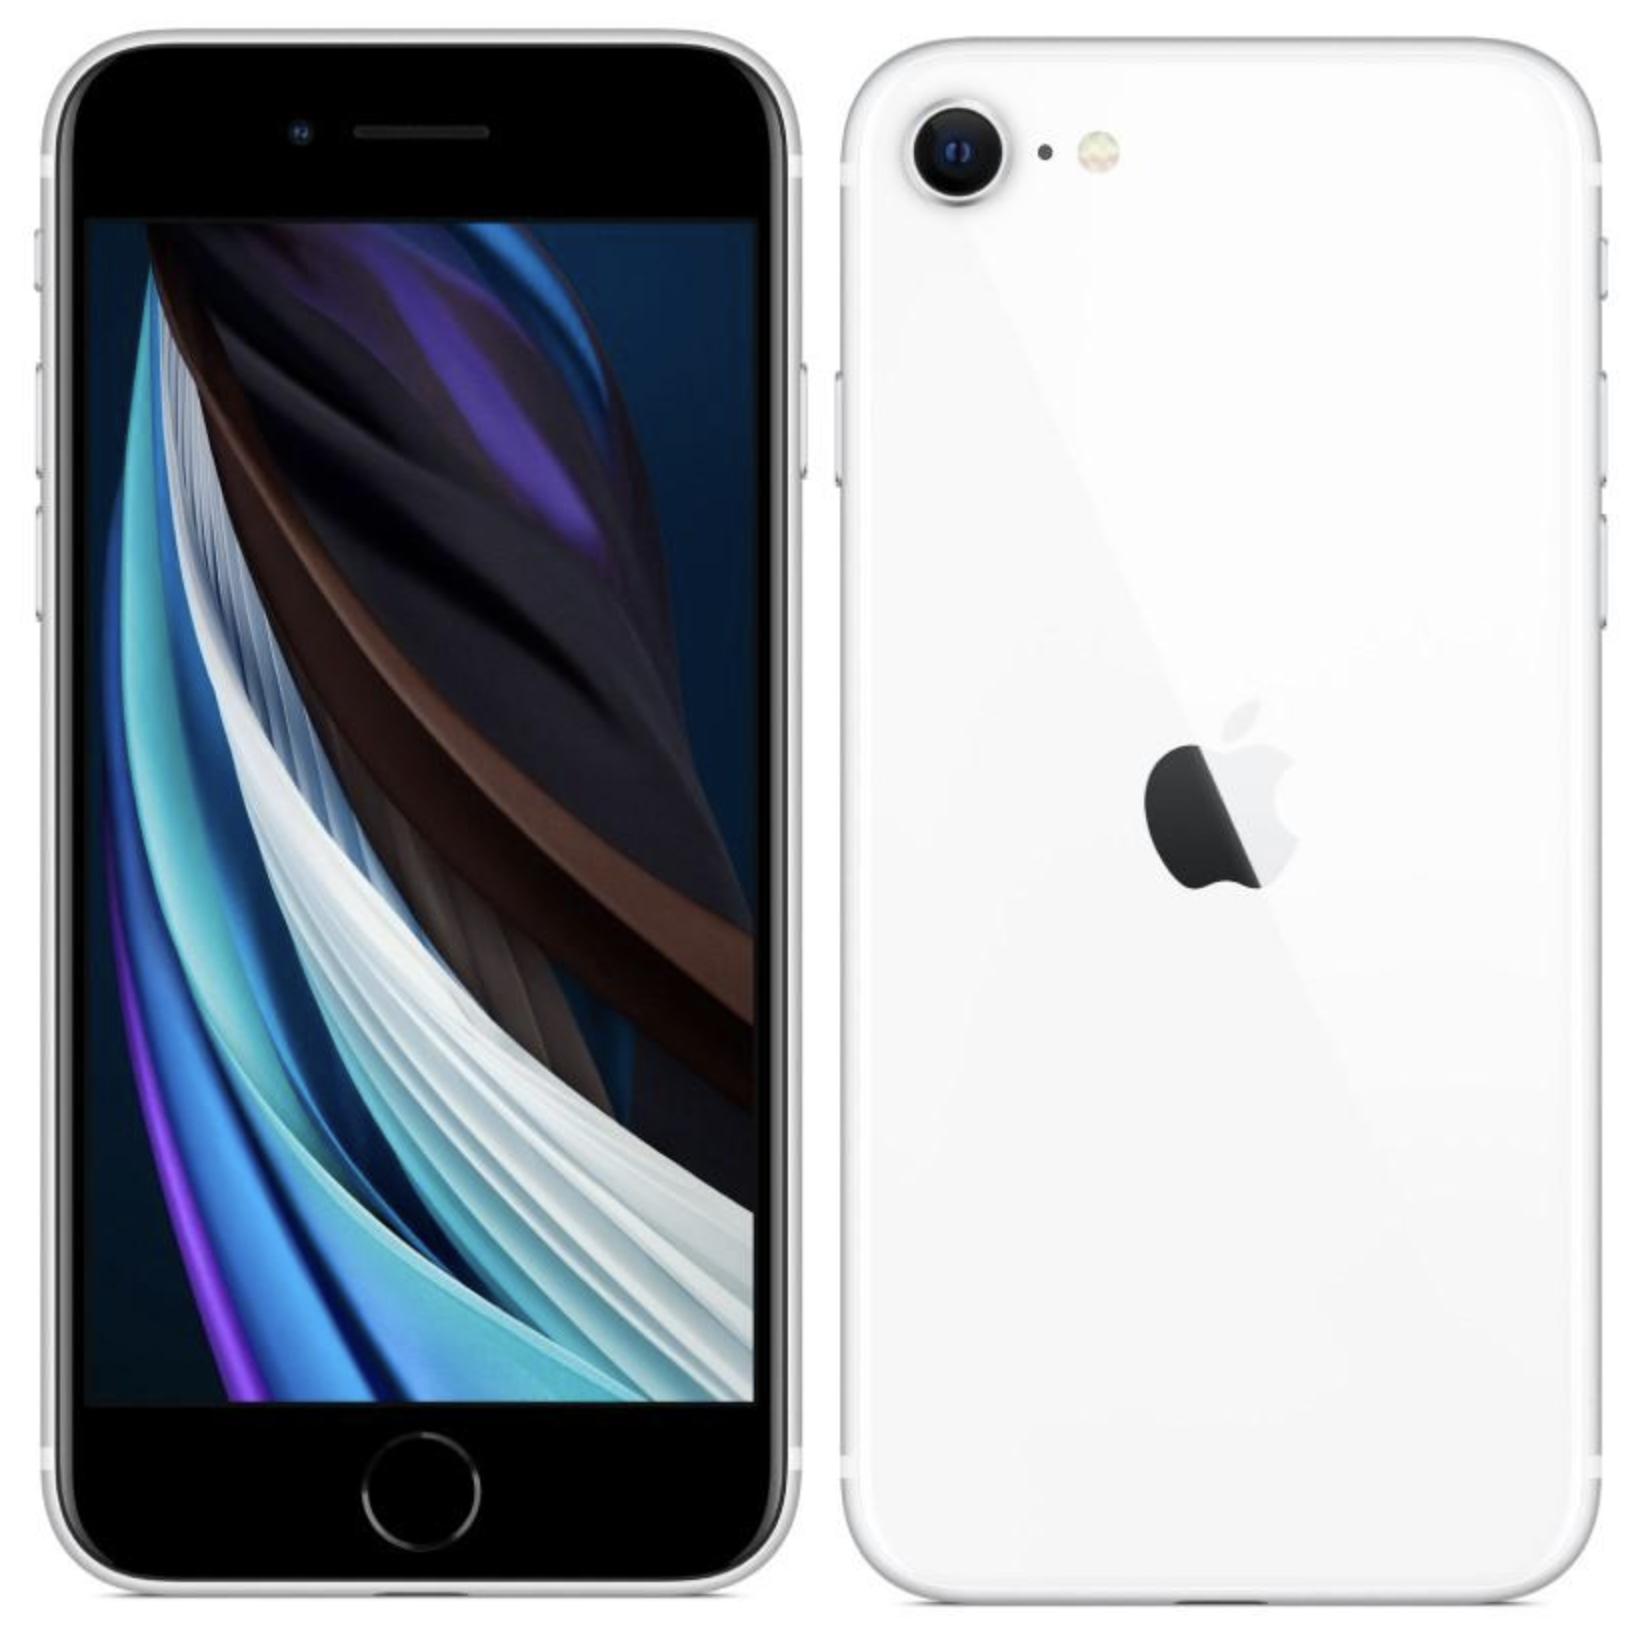 Apple iPhone SE 2020 White (bílý) + 33 dní výměna zdarma Paměť: 64GB, Kategorie: B+